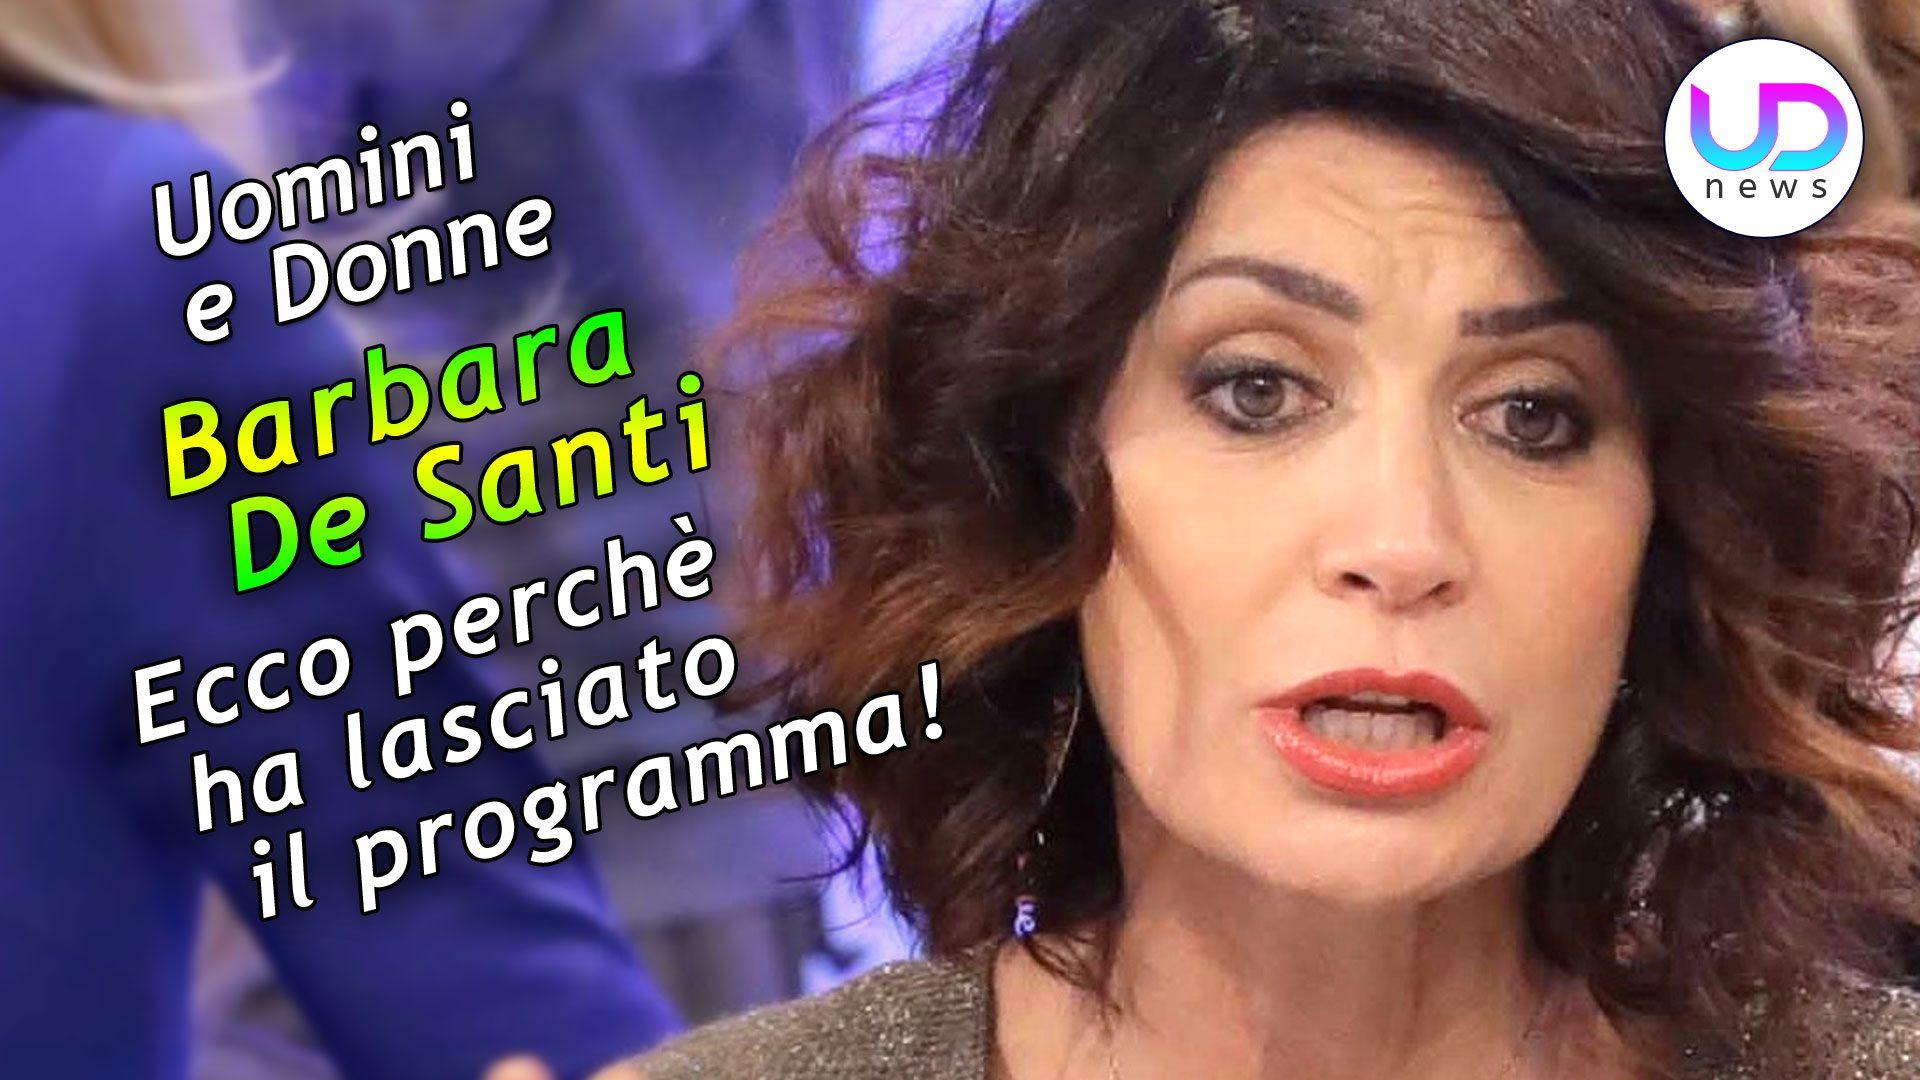 Ecco Perché Barbara De Santi ha Lasciato il Programma! - UD News - Uomini e  Donne